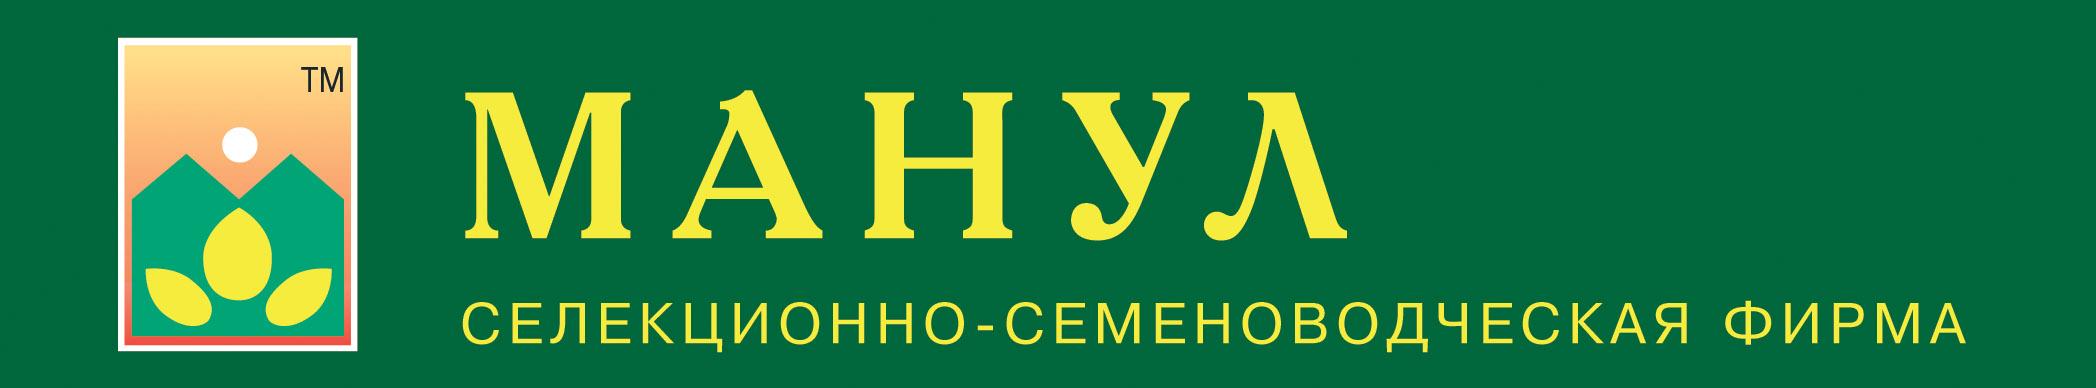 http://mediadb.agro2b.ru/mediadb/20906.jpg